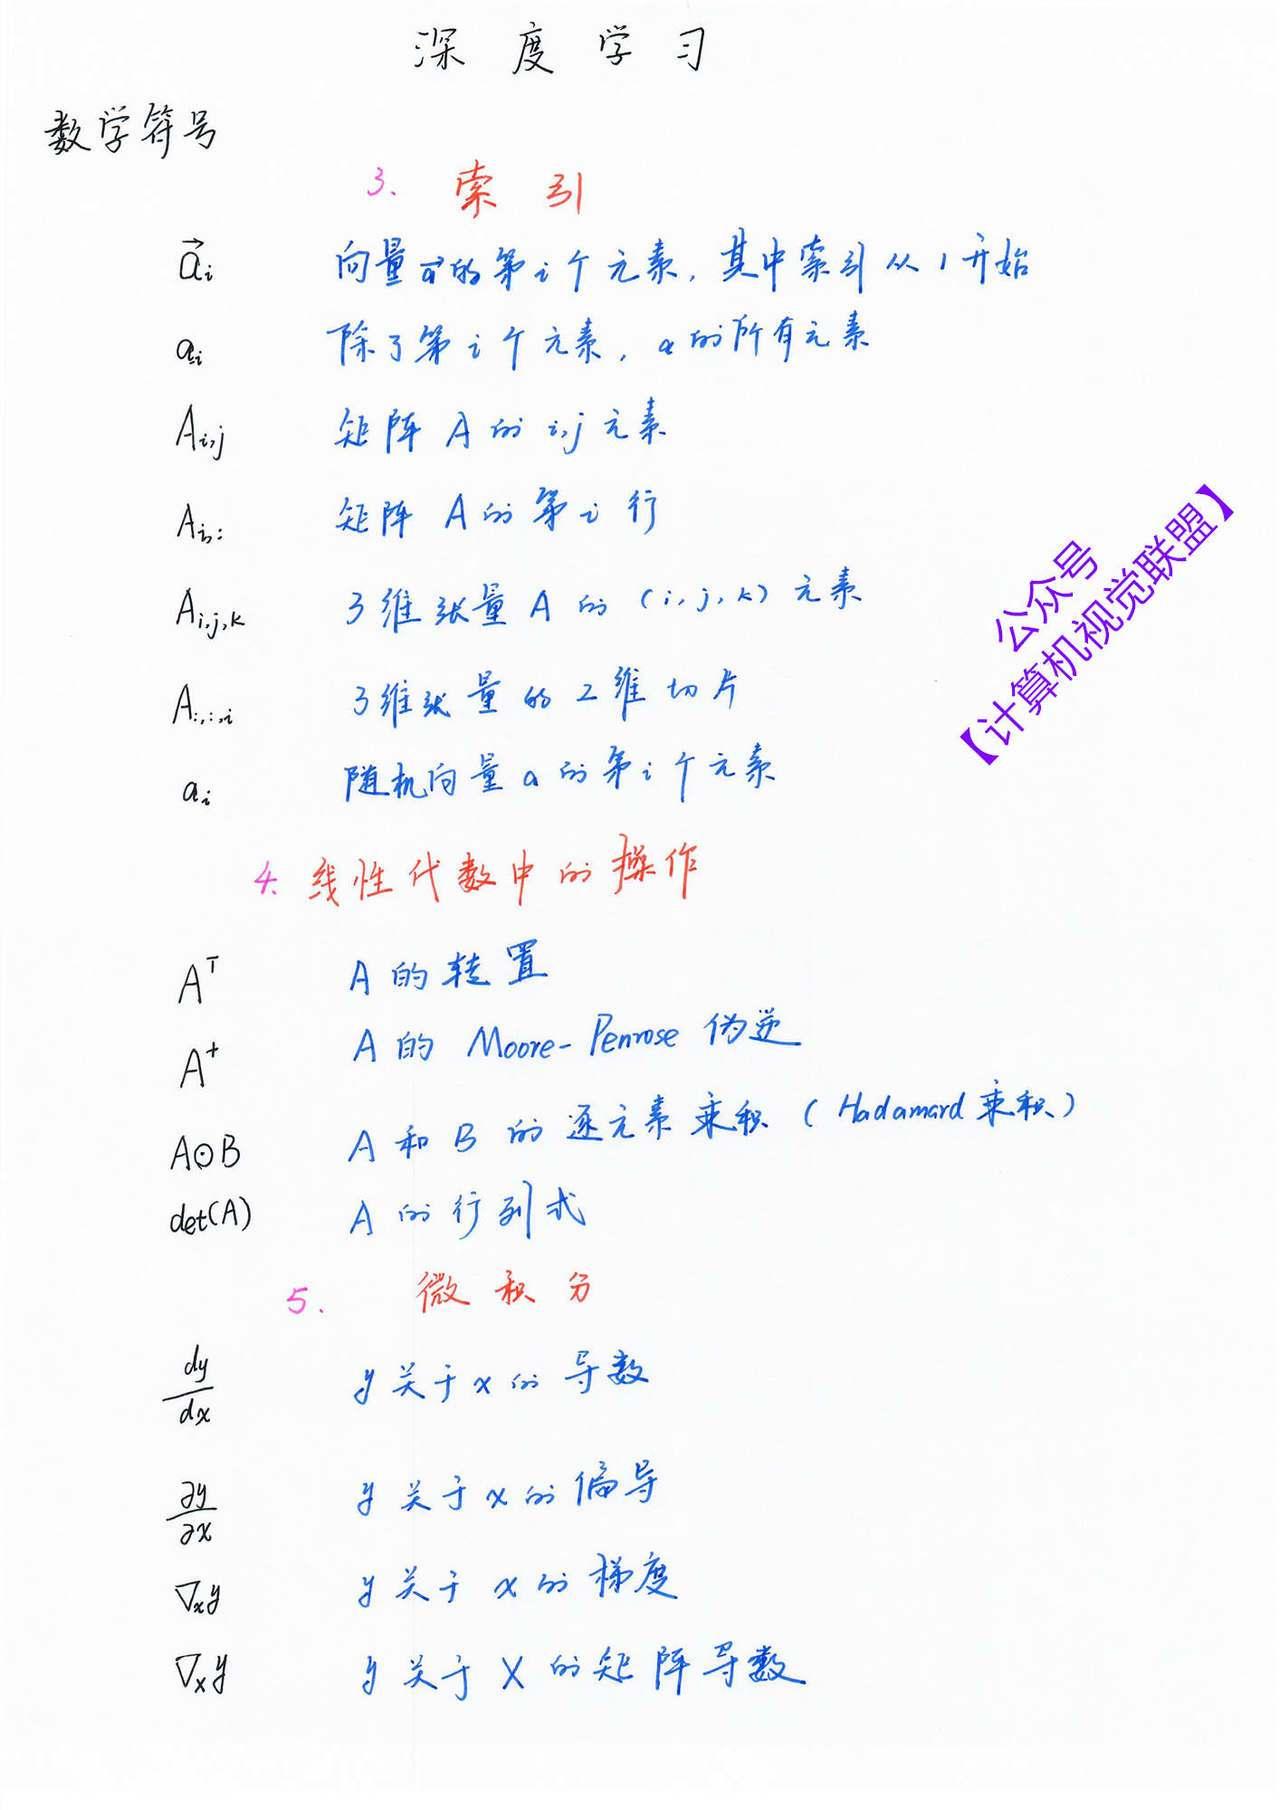 资料 | 985 博士王博(Kings)《深度学习》手推公式笔记开源 PDF